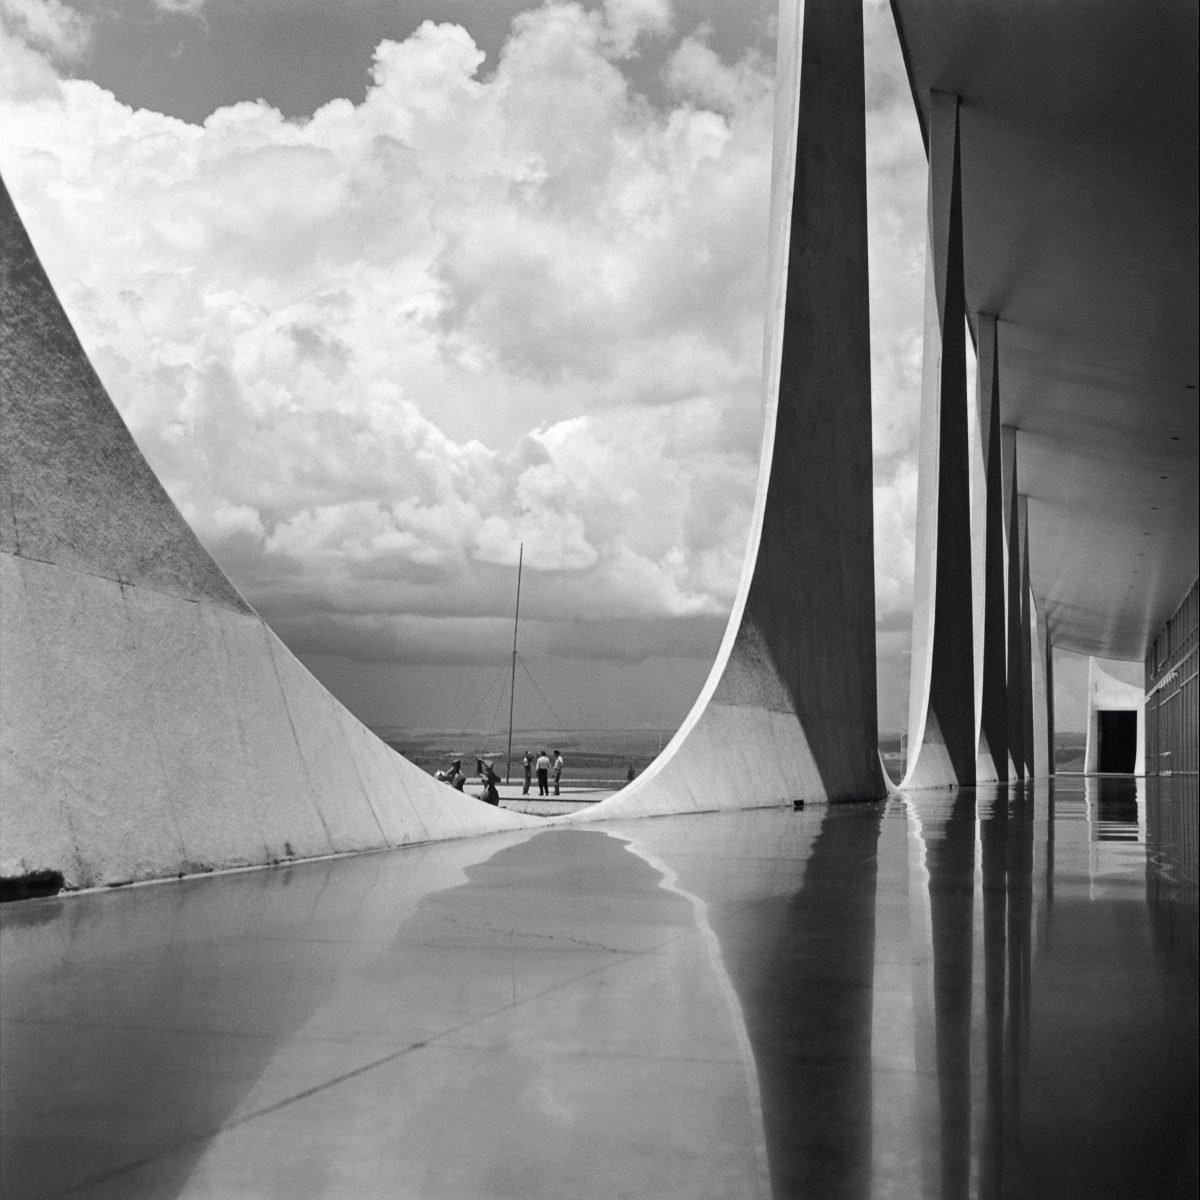 Photographie d'architecture en noir et blanc par Marcel Gautherot